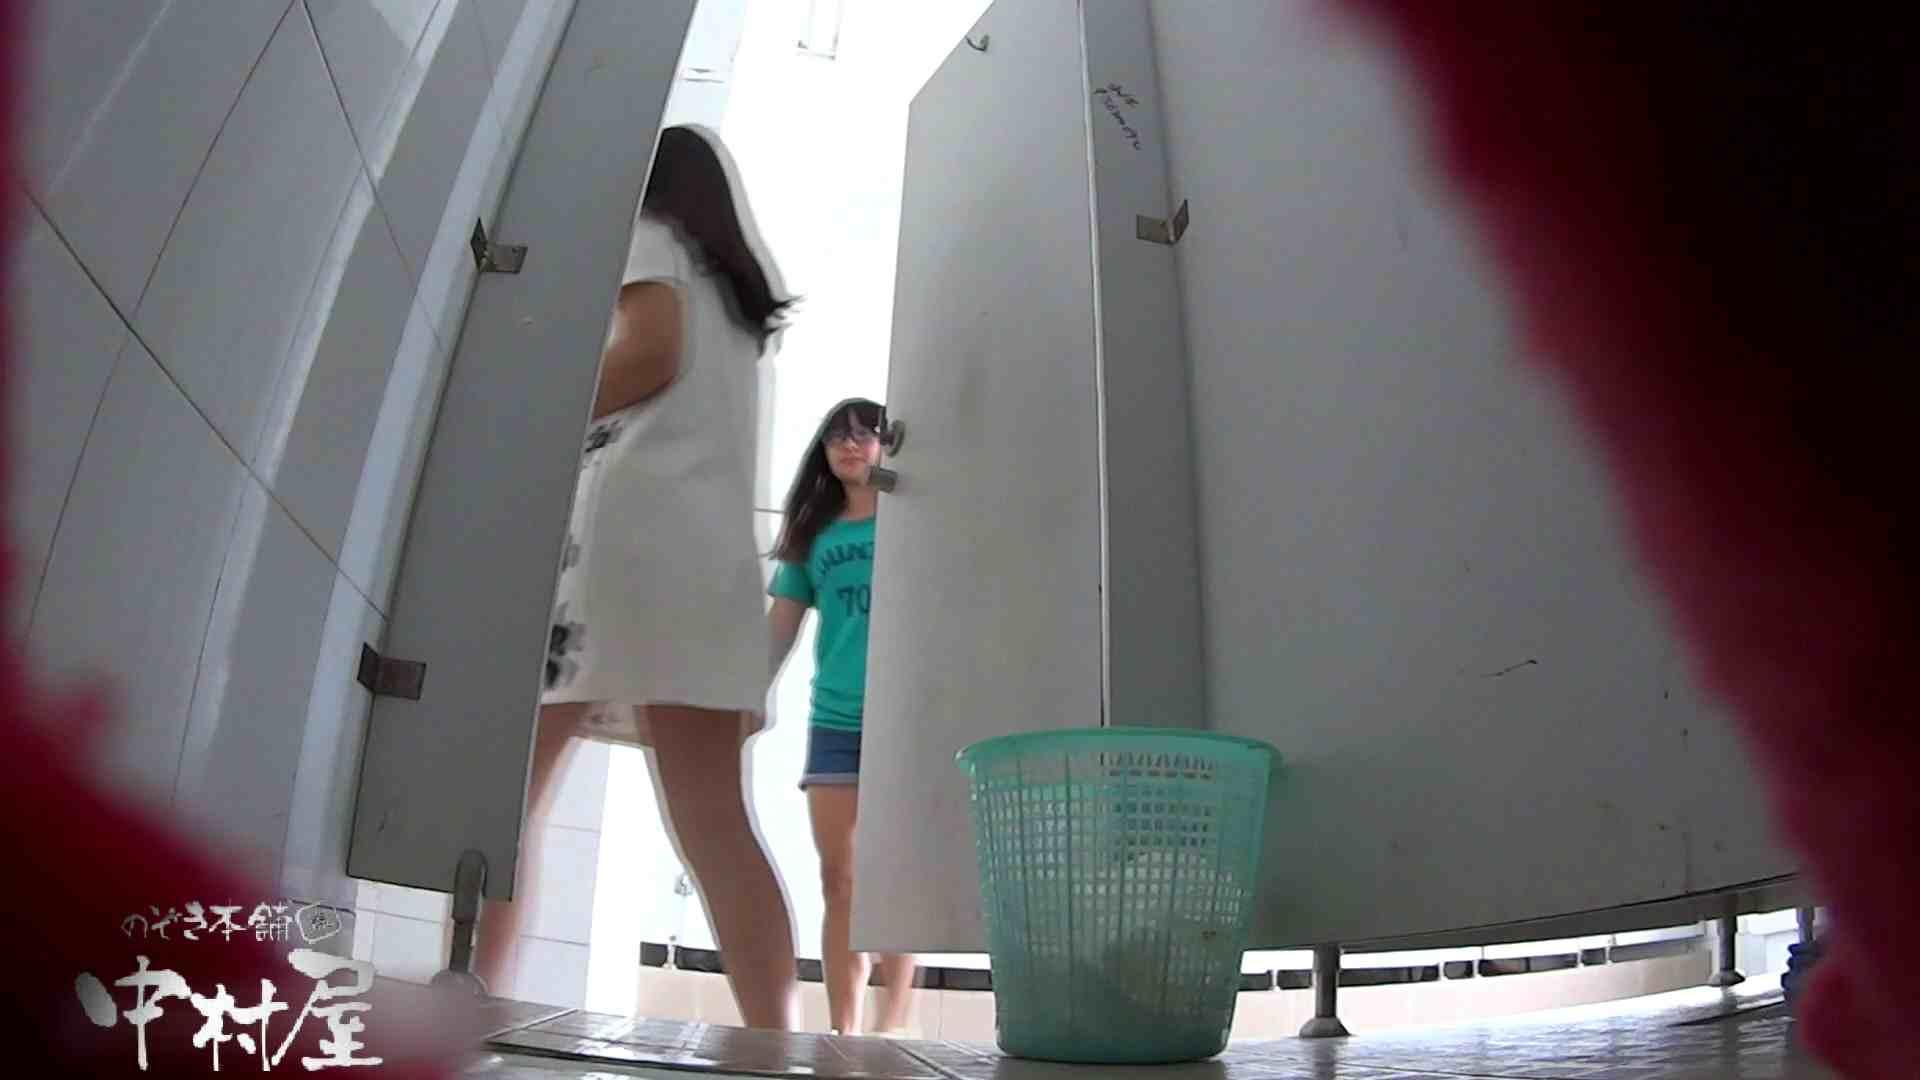 綺麗な桃尻ギャル 大学休憩時間の洗面所事情23 ビッチなギャル   洗面所  69pic 53